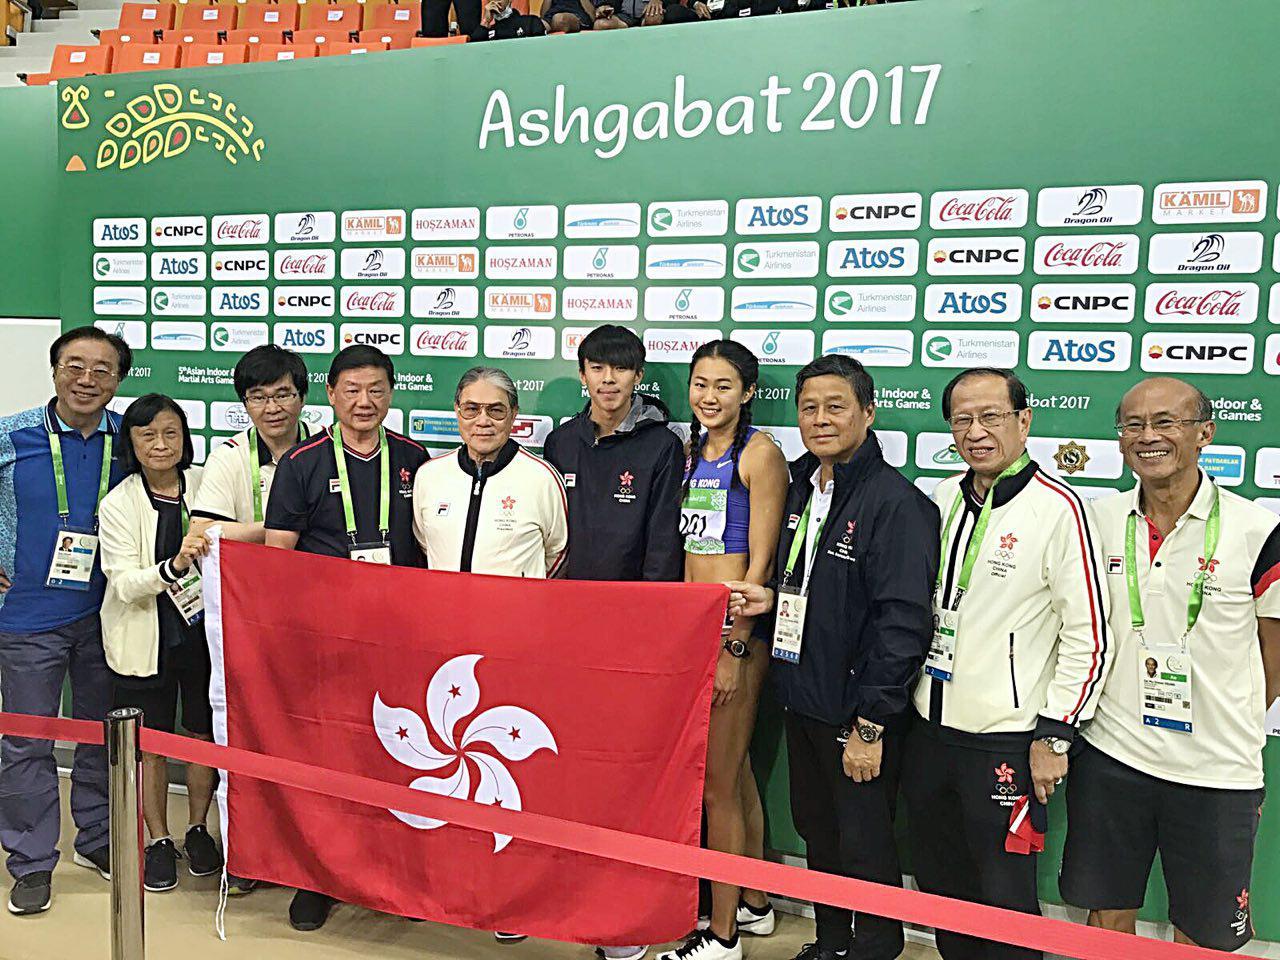 呂麗瑤(左四)在女子60米欄,香港隊「欄后」以8秒41衝線,為港隊贏得今屆賽事的第一枚金牌,張宏峰(左五)在男子60米欄中以7秒85成績取得銅牌。(香港奧委會提供)